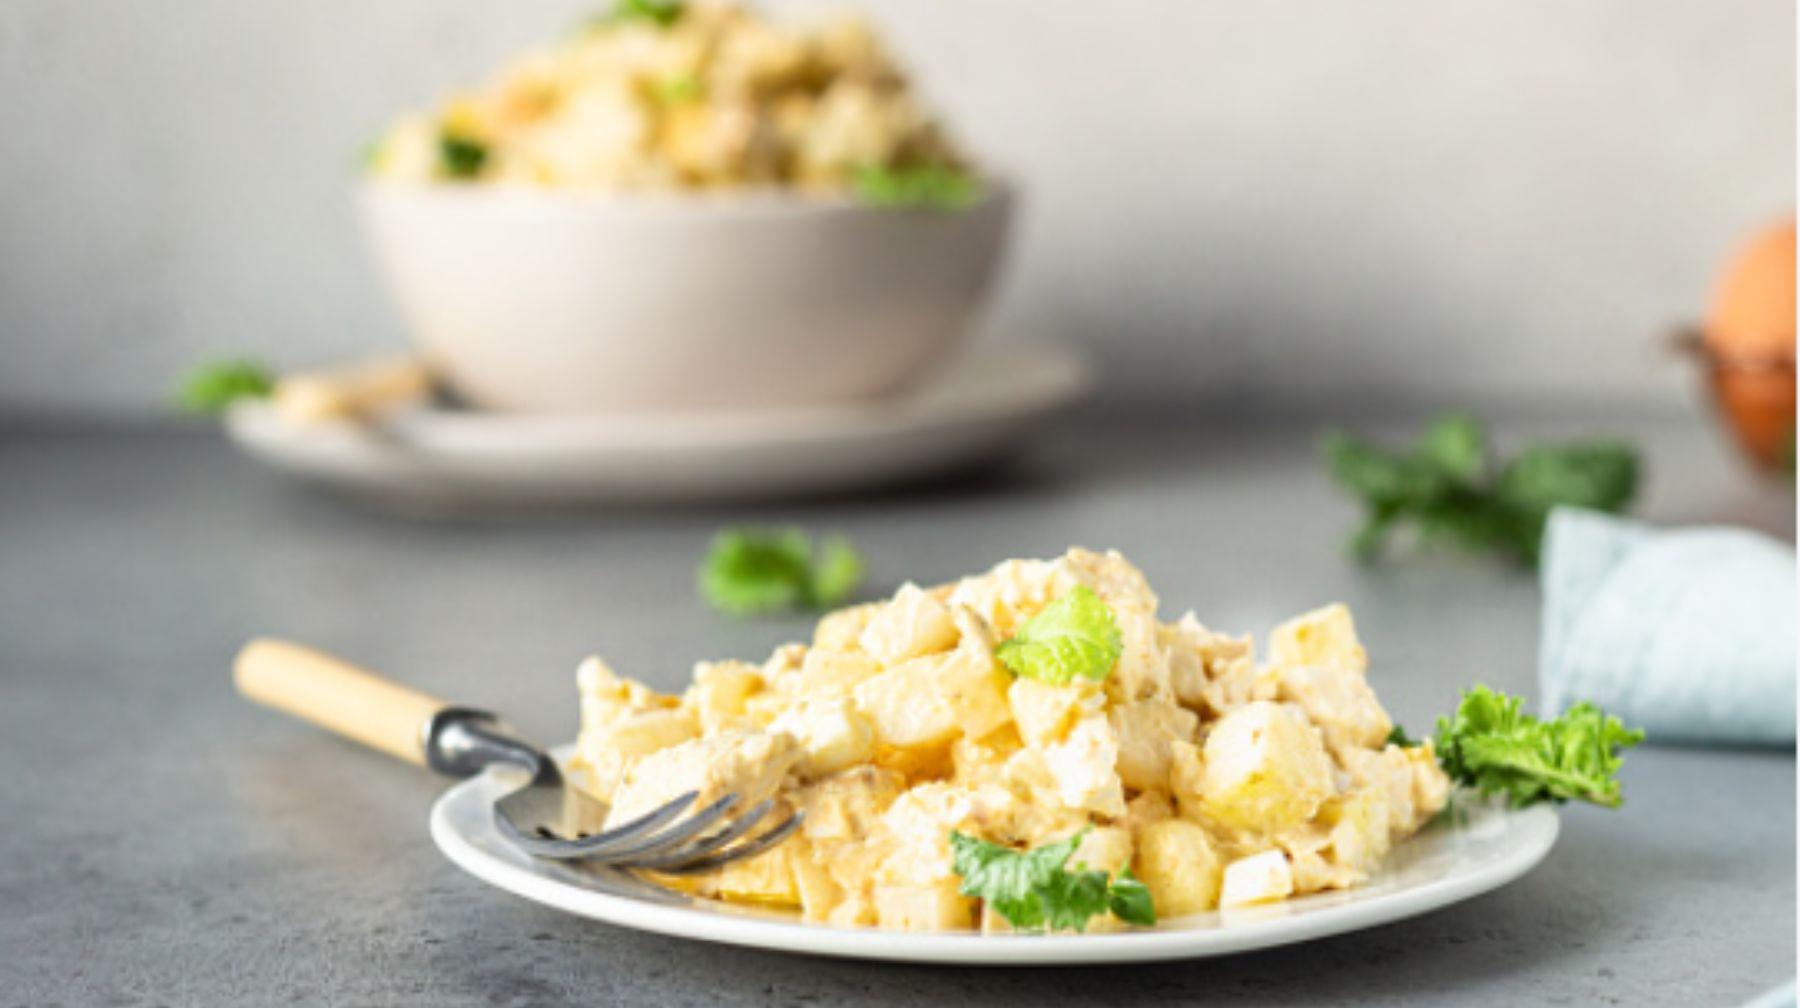 Ensalada fría de patata y apio, una receta ideal para el verano